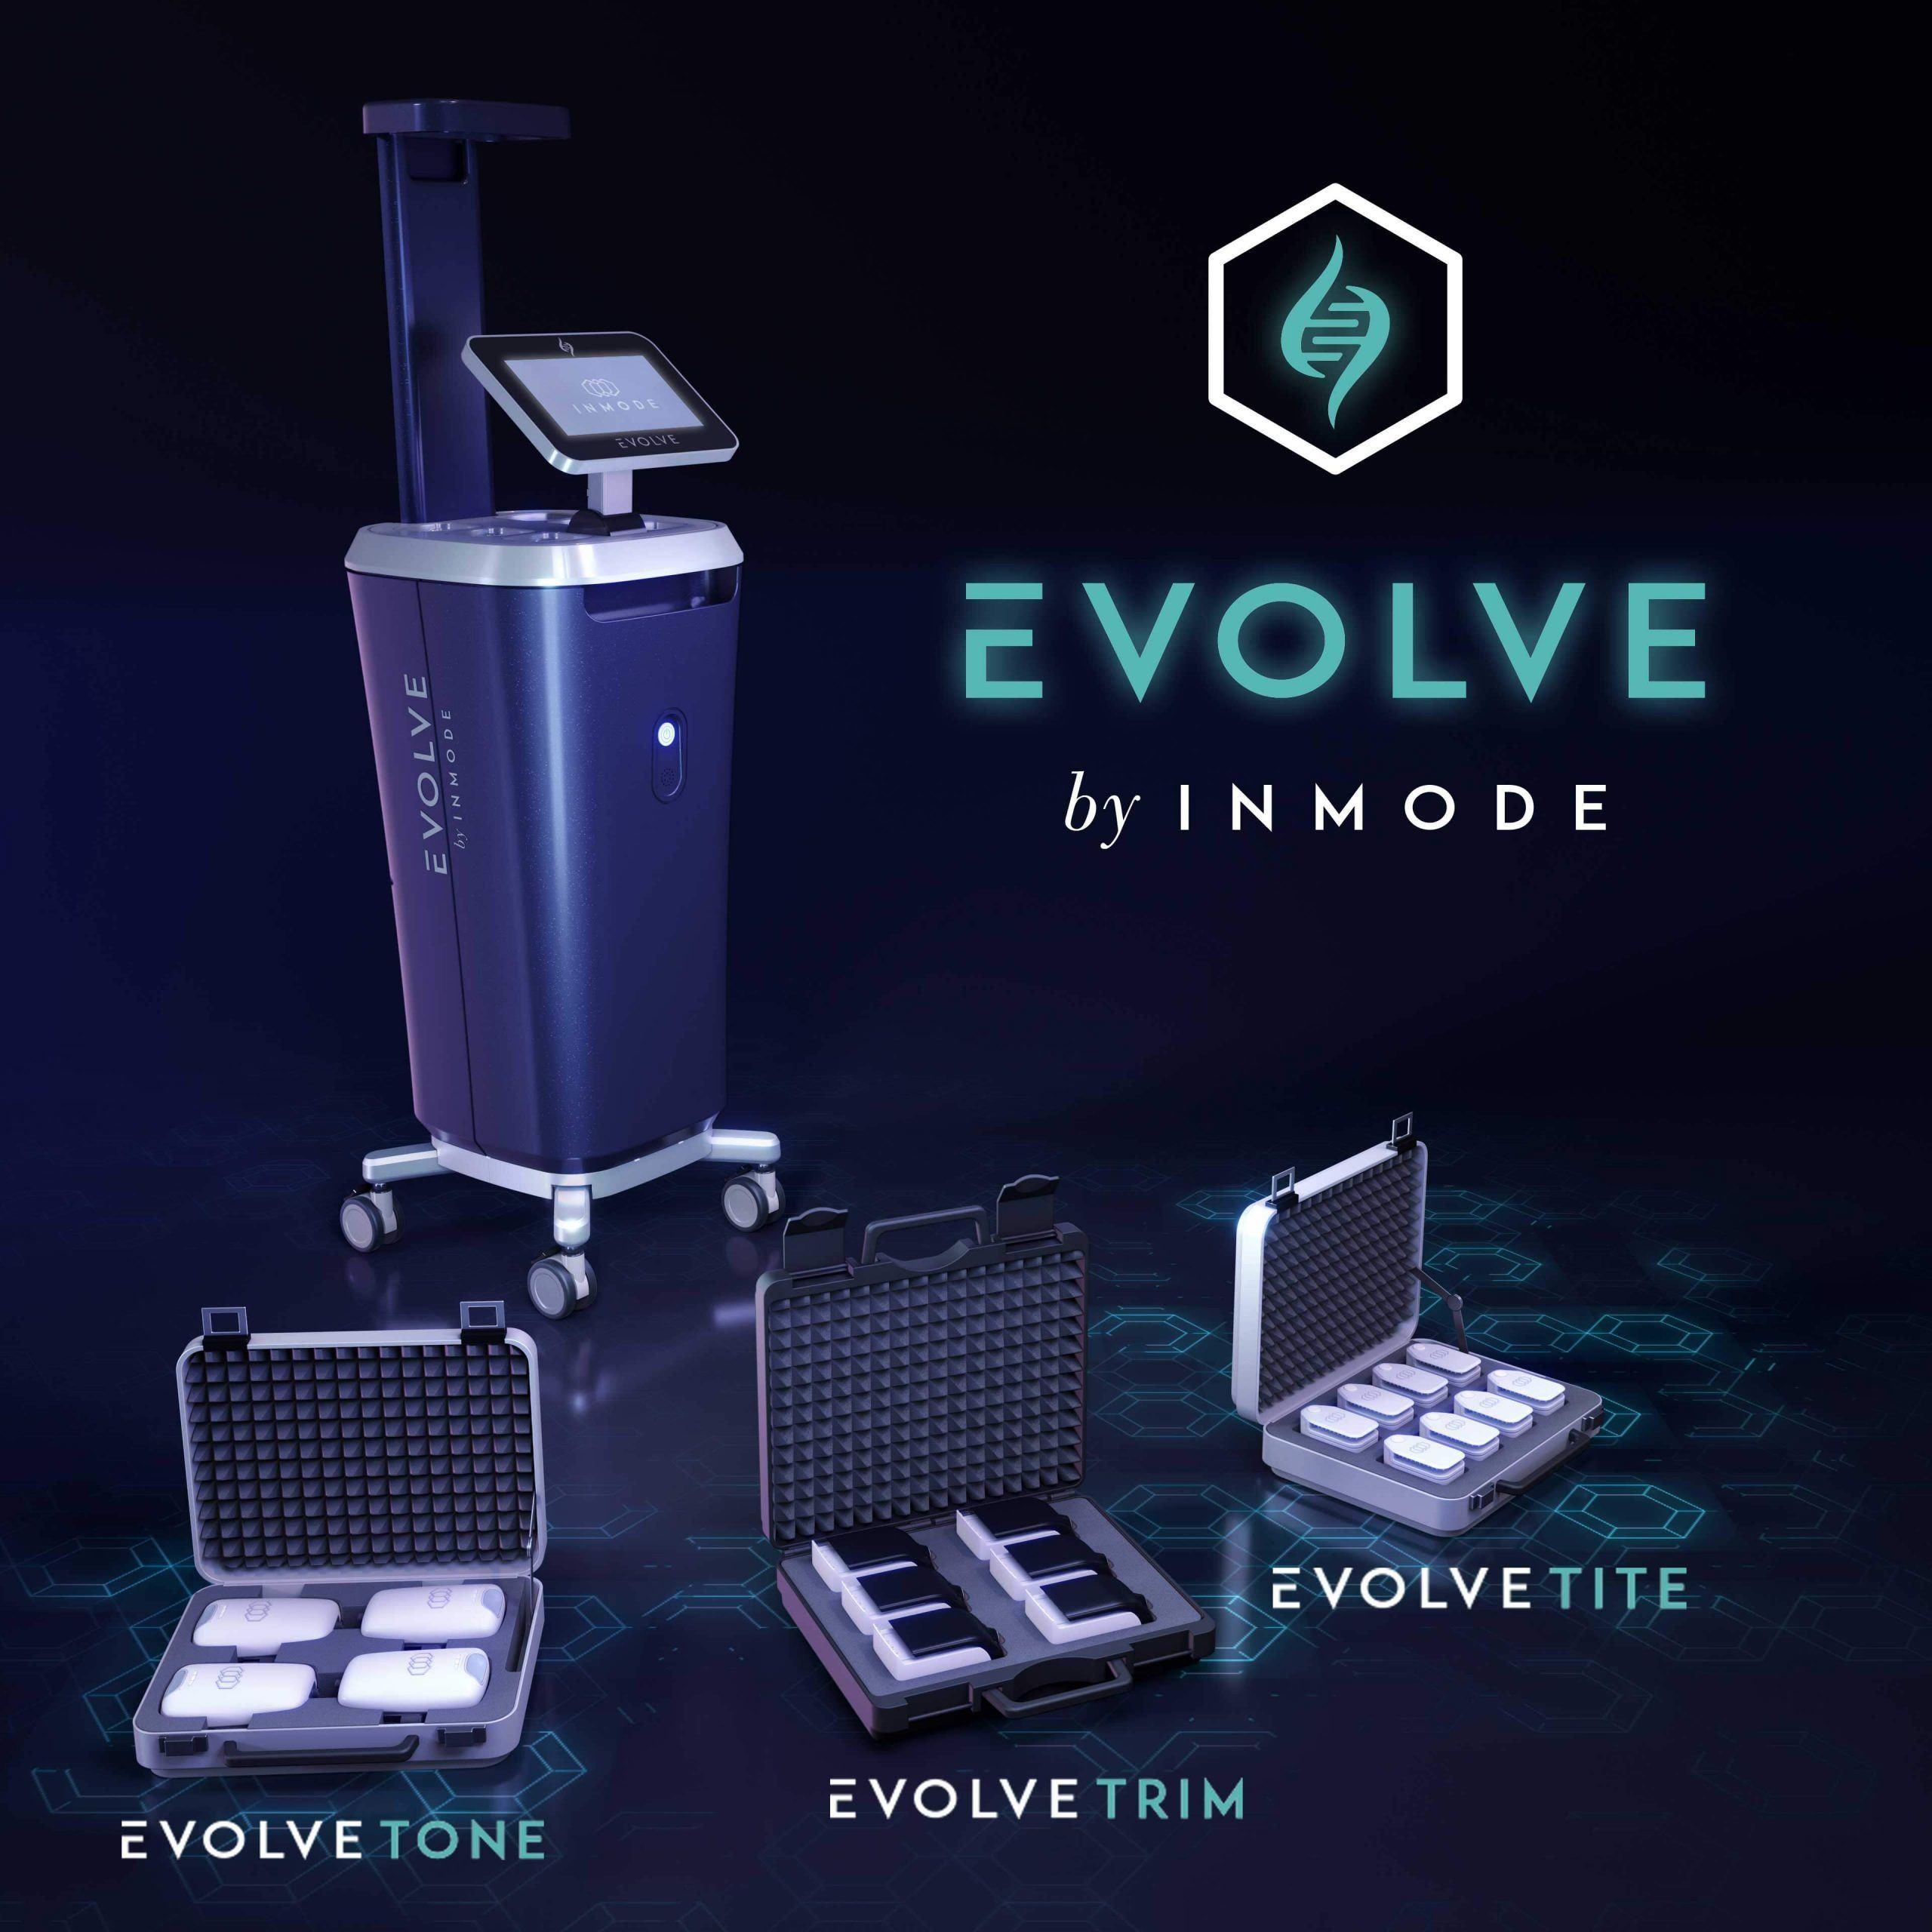 Evolve_Body-Remodeling